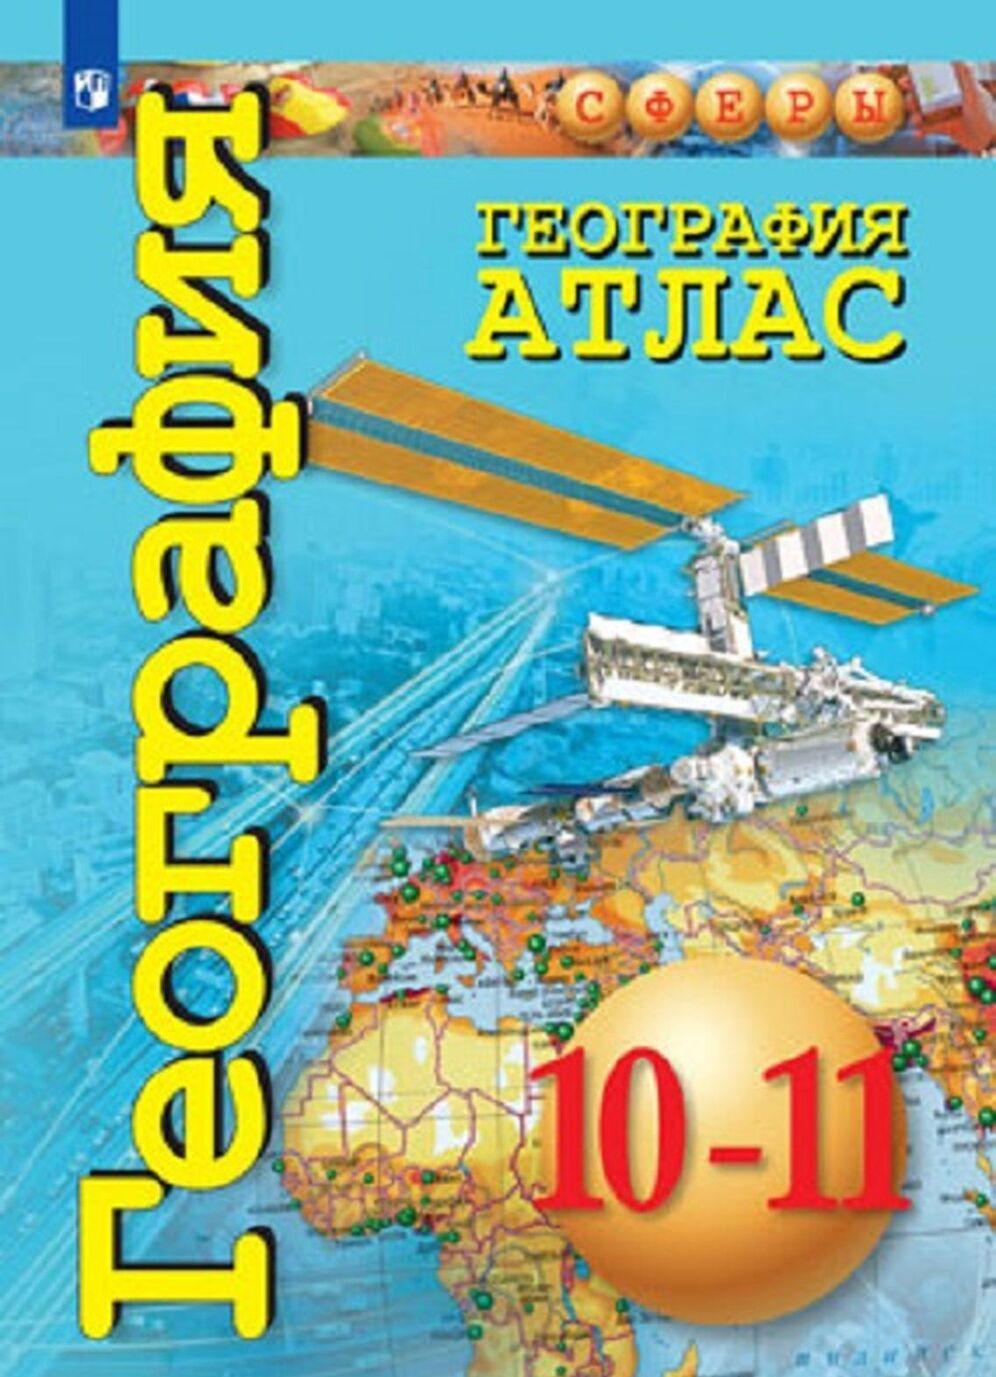 Geografija. Atlas. 10-11 klassy.  (Sfery)